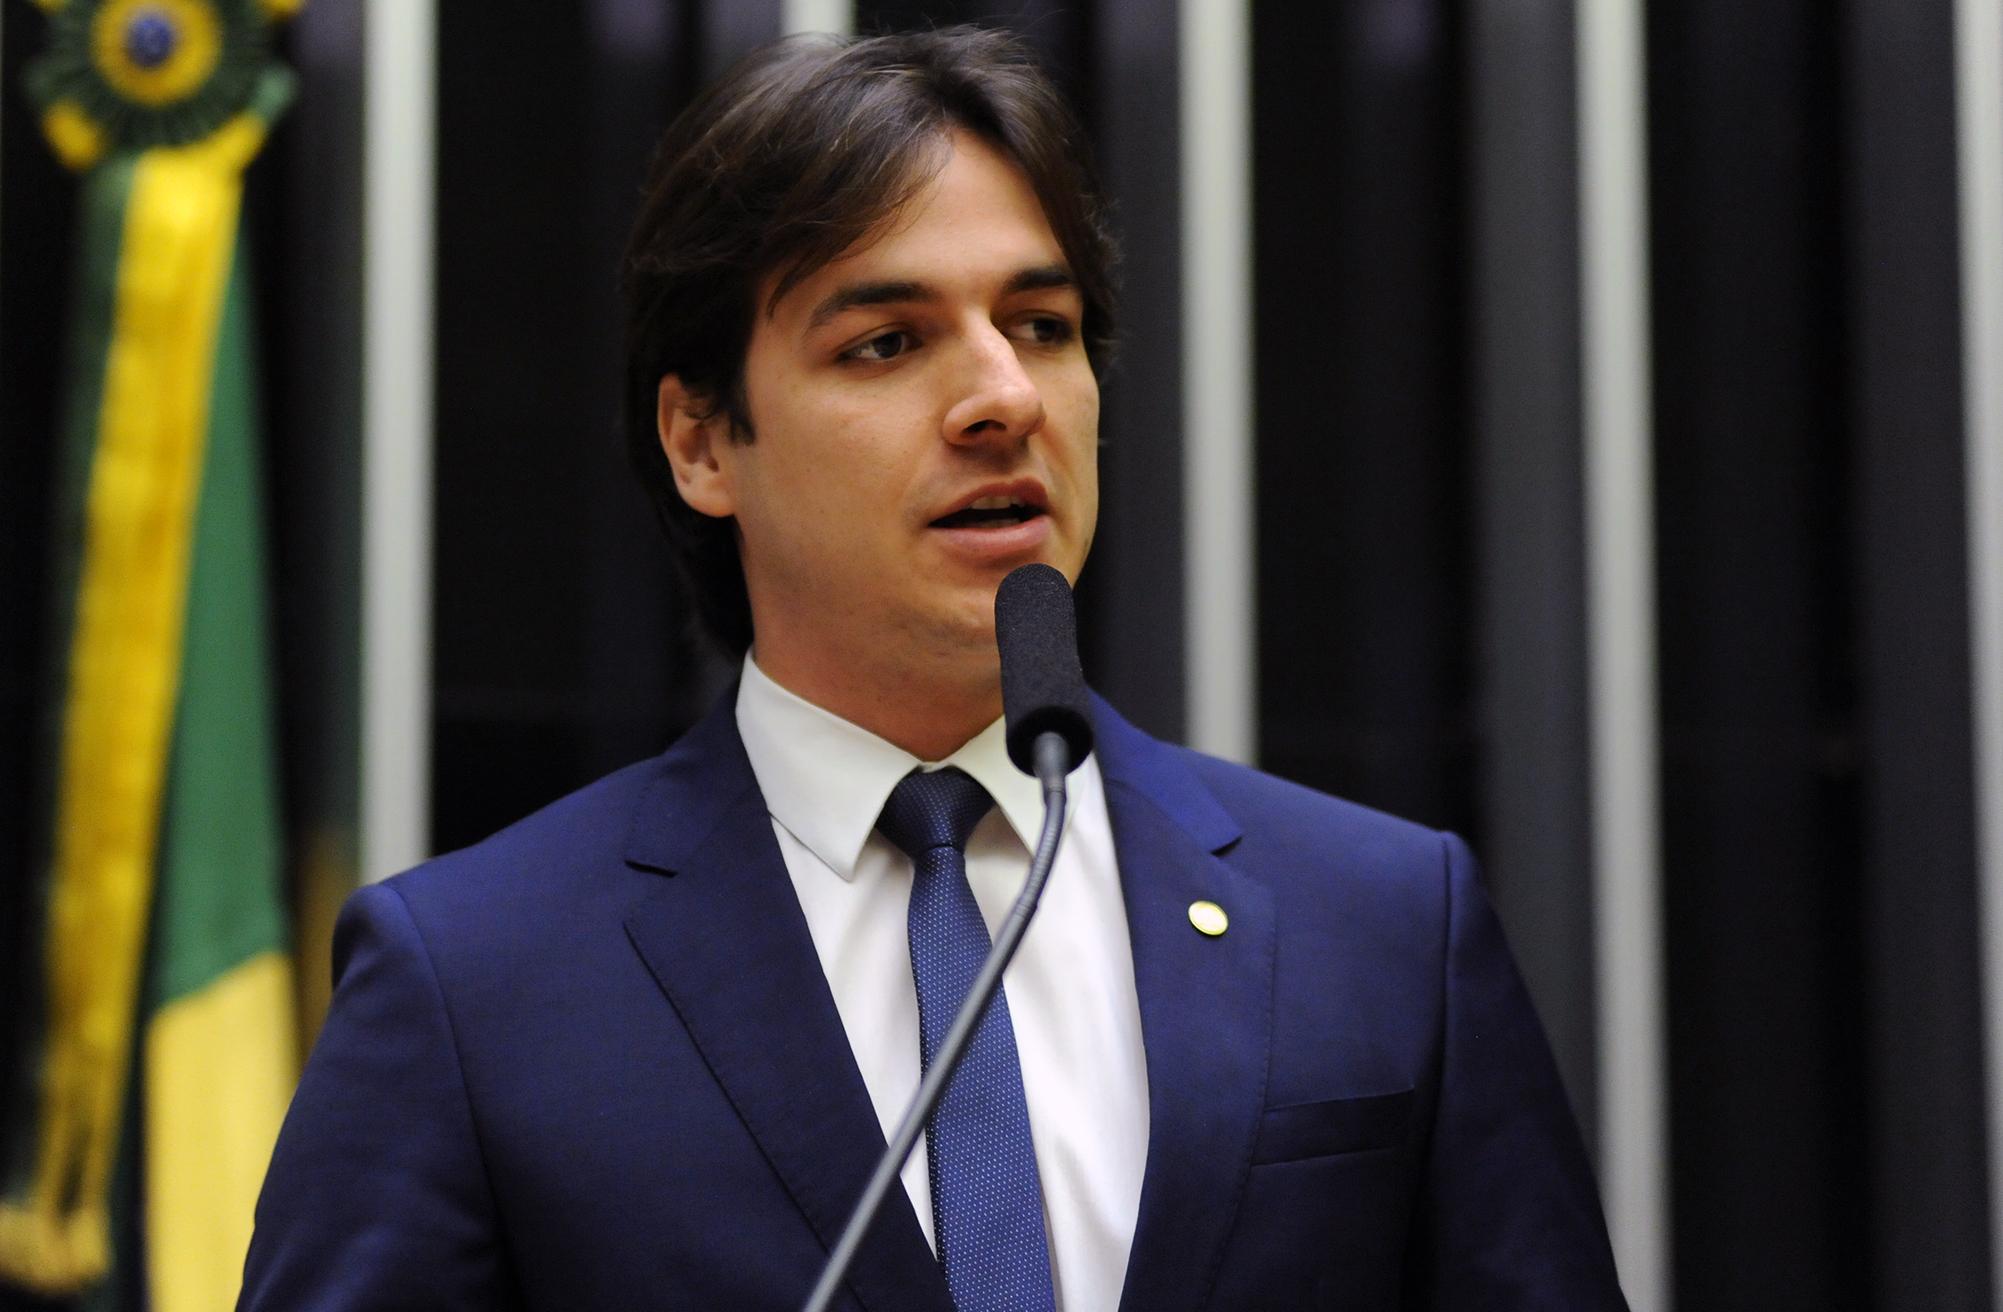 Comissão geral para debater os desafios do câncer, tratamento, enfrentamento e medicamentos. Dep. Pedro Cunha Lima (PSDB - PB)